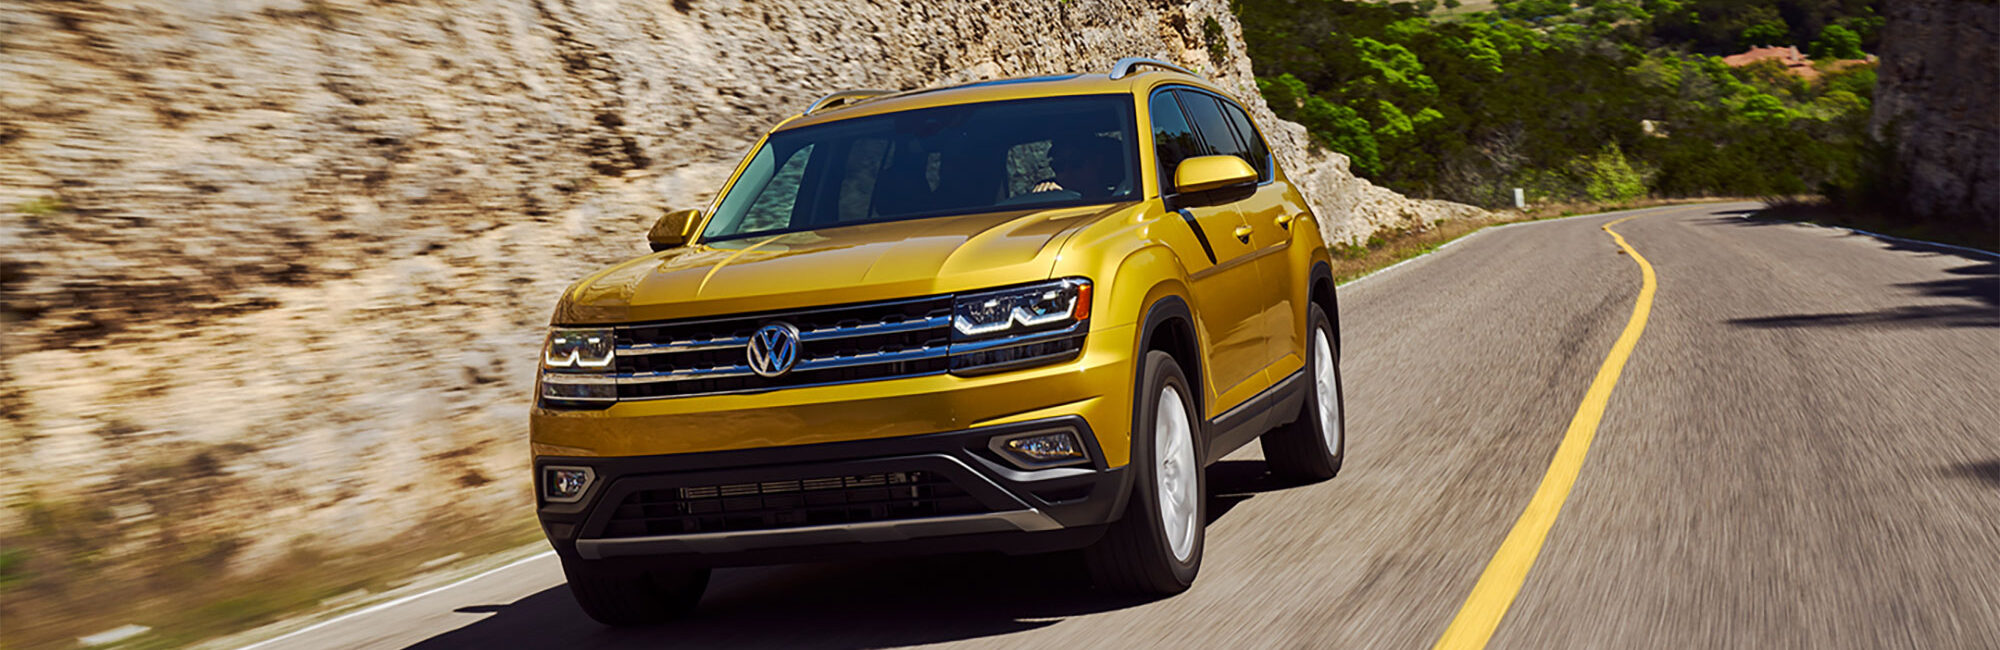 Volkswagen Car - for ElastAbrasion Elastomeric Abrasion Tester